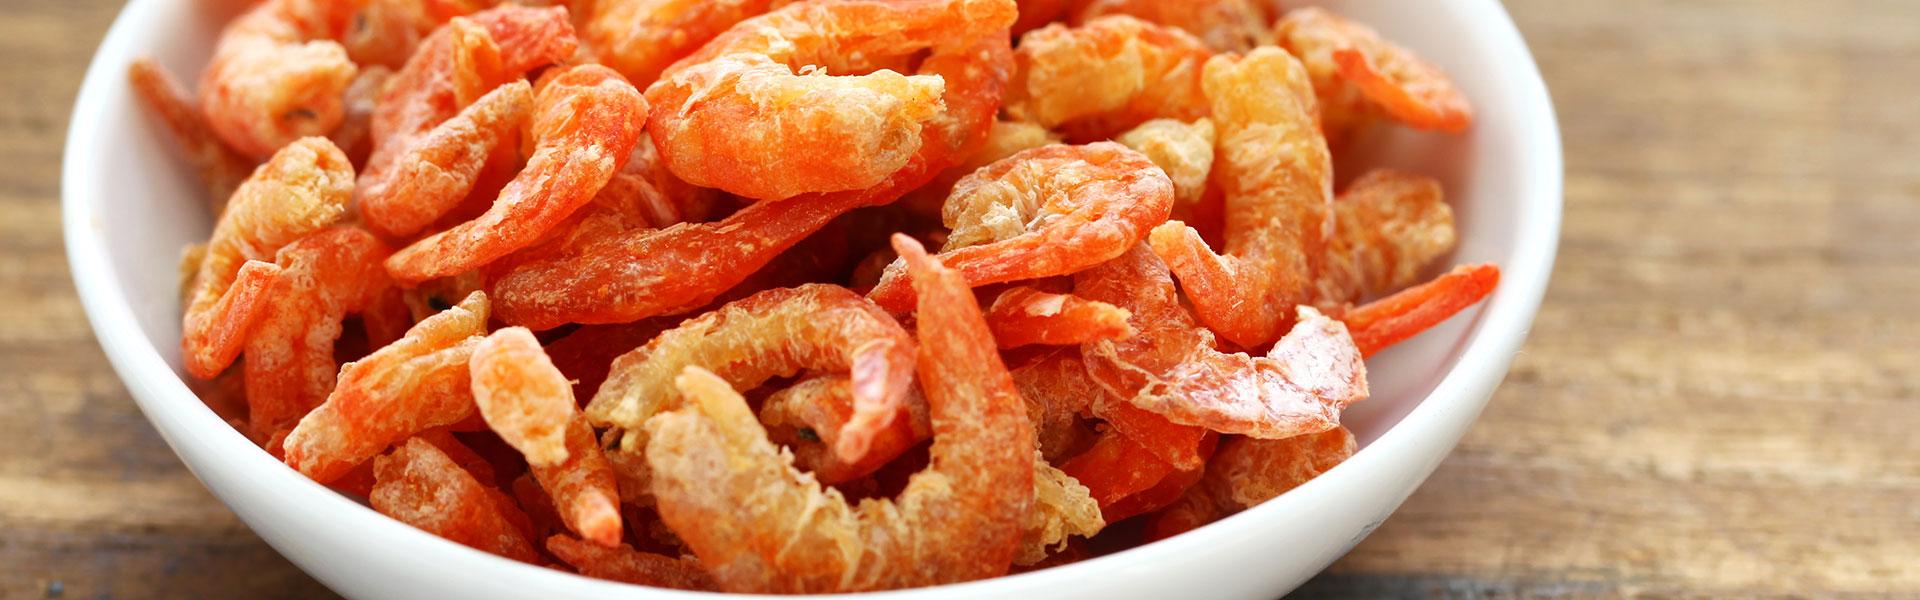 cinra_shrimp